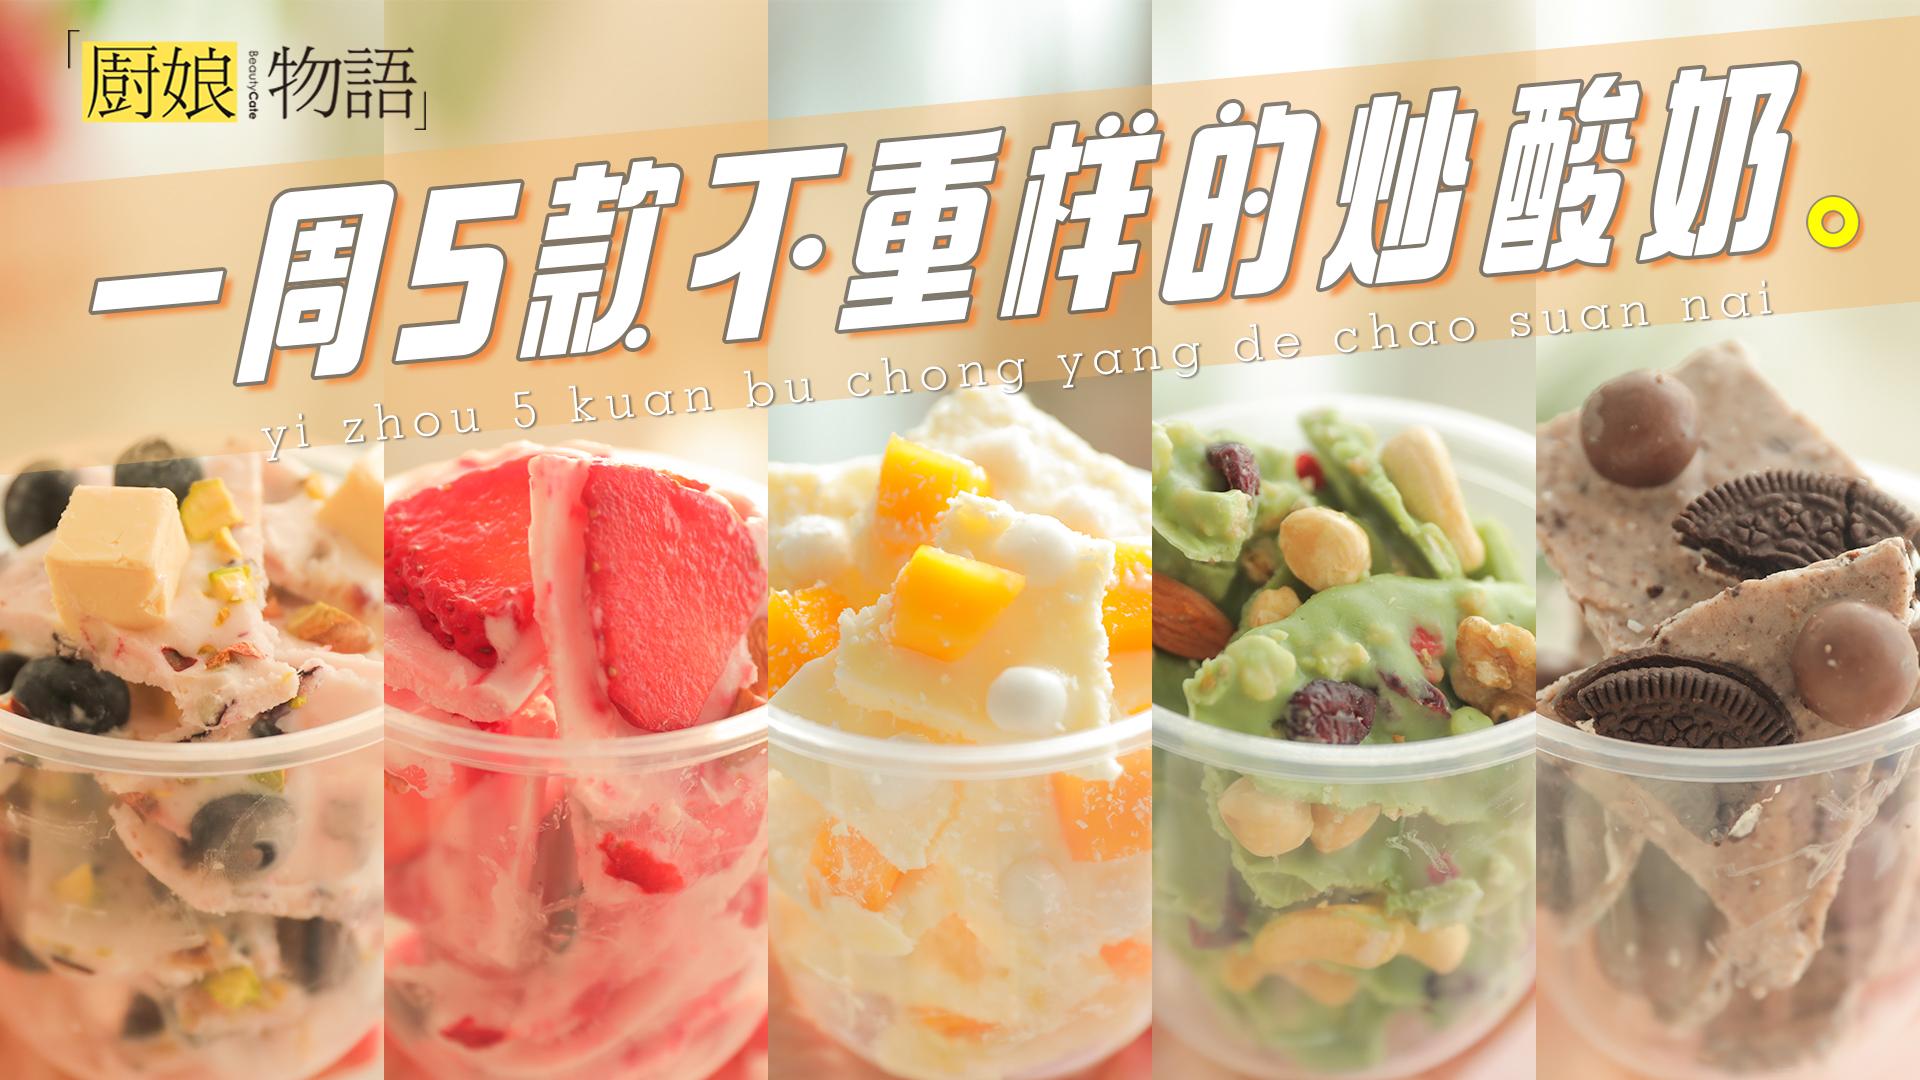 哇,有炒酸奶吃的日子太快乐啦~